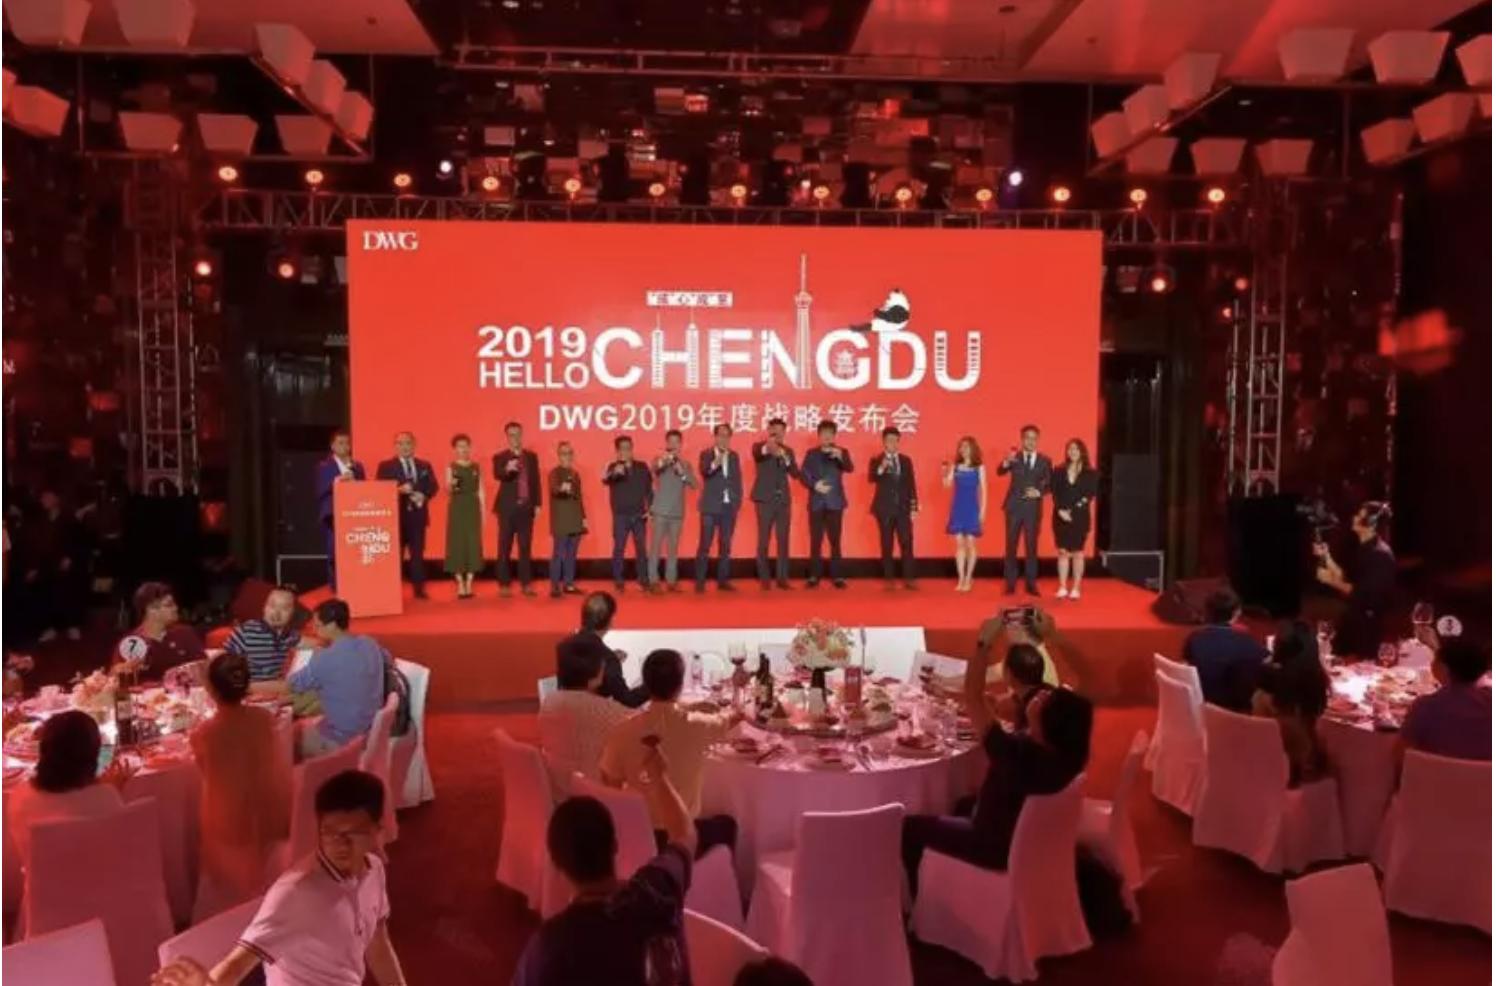 Chengdu.png